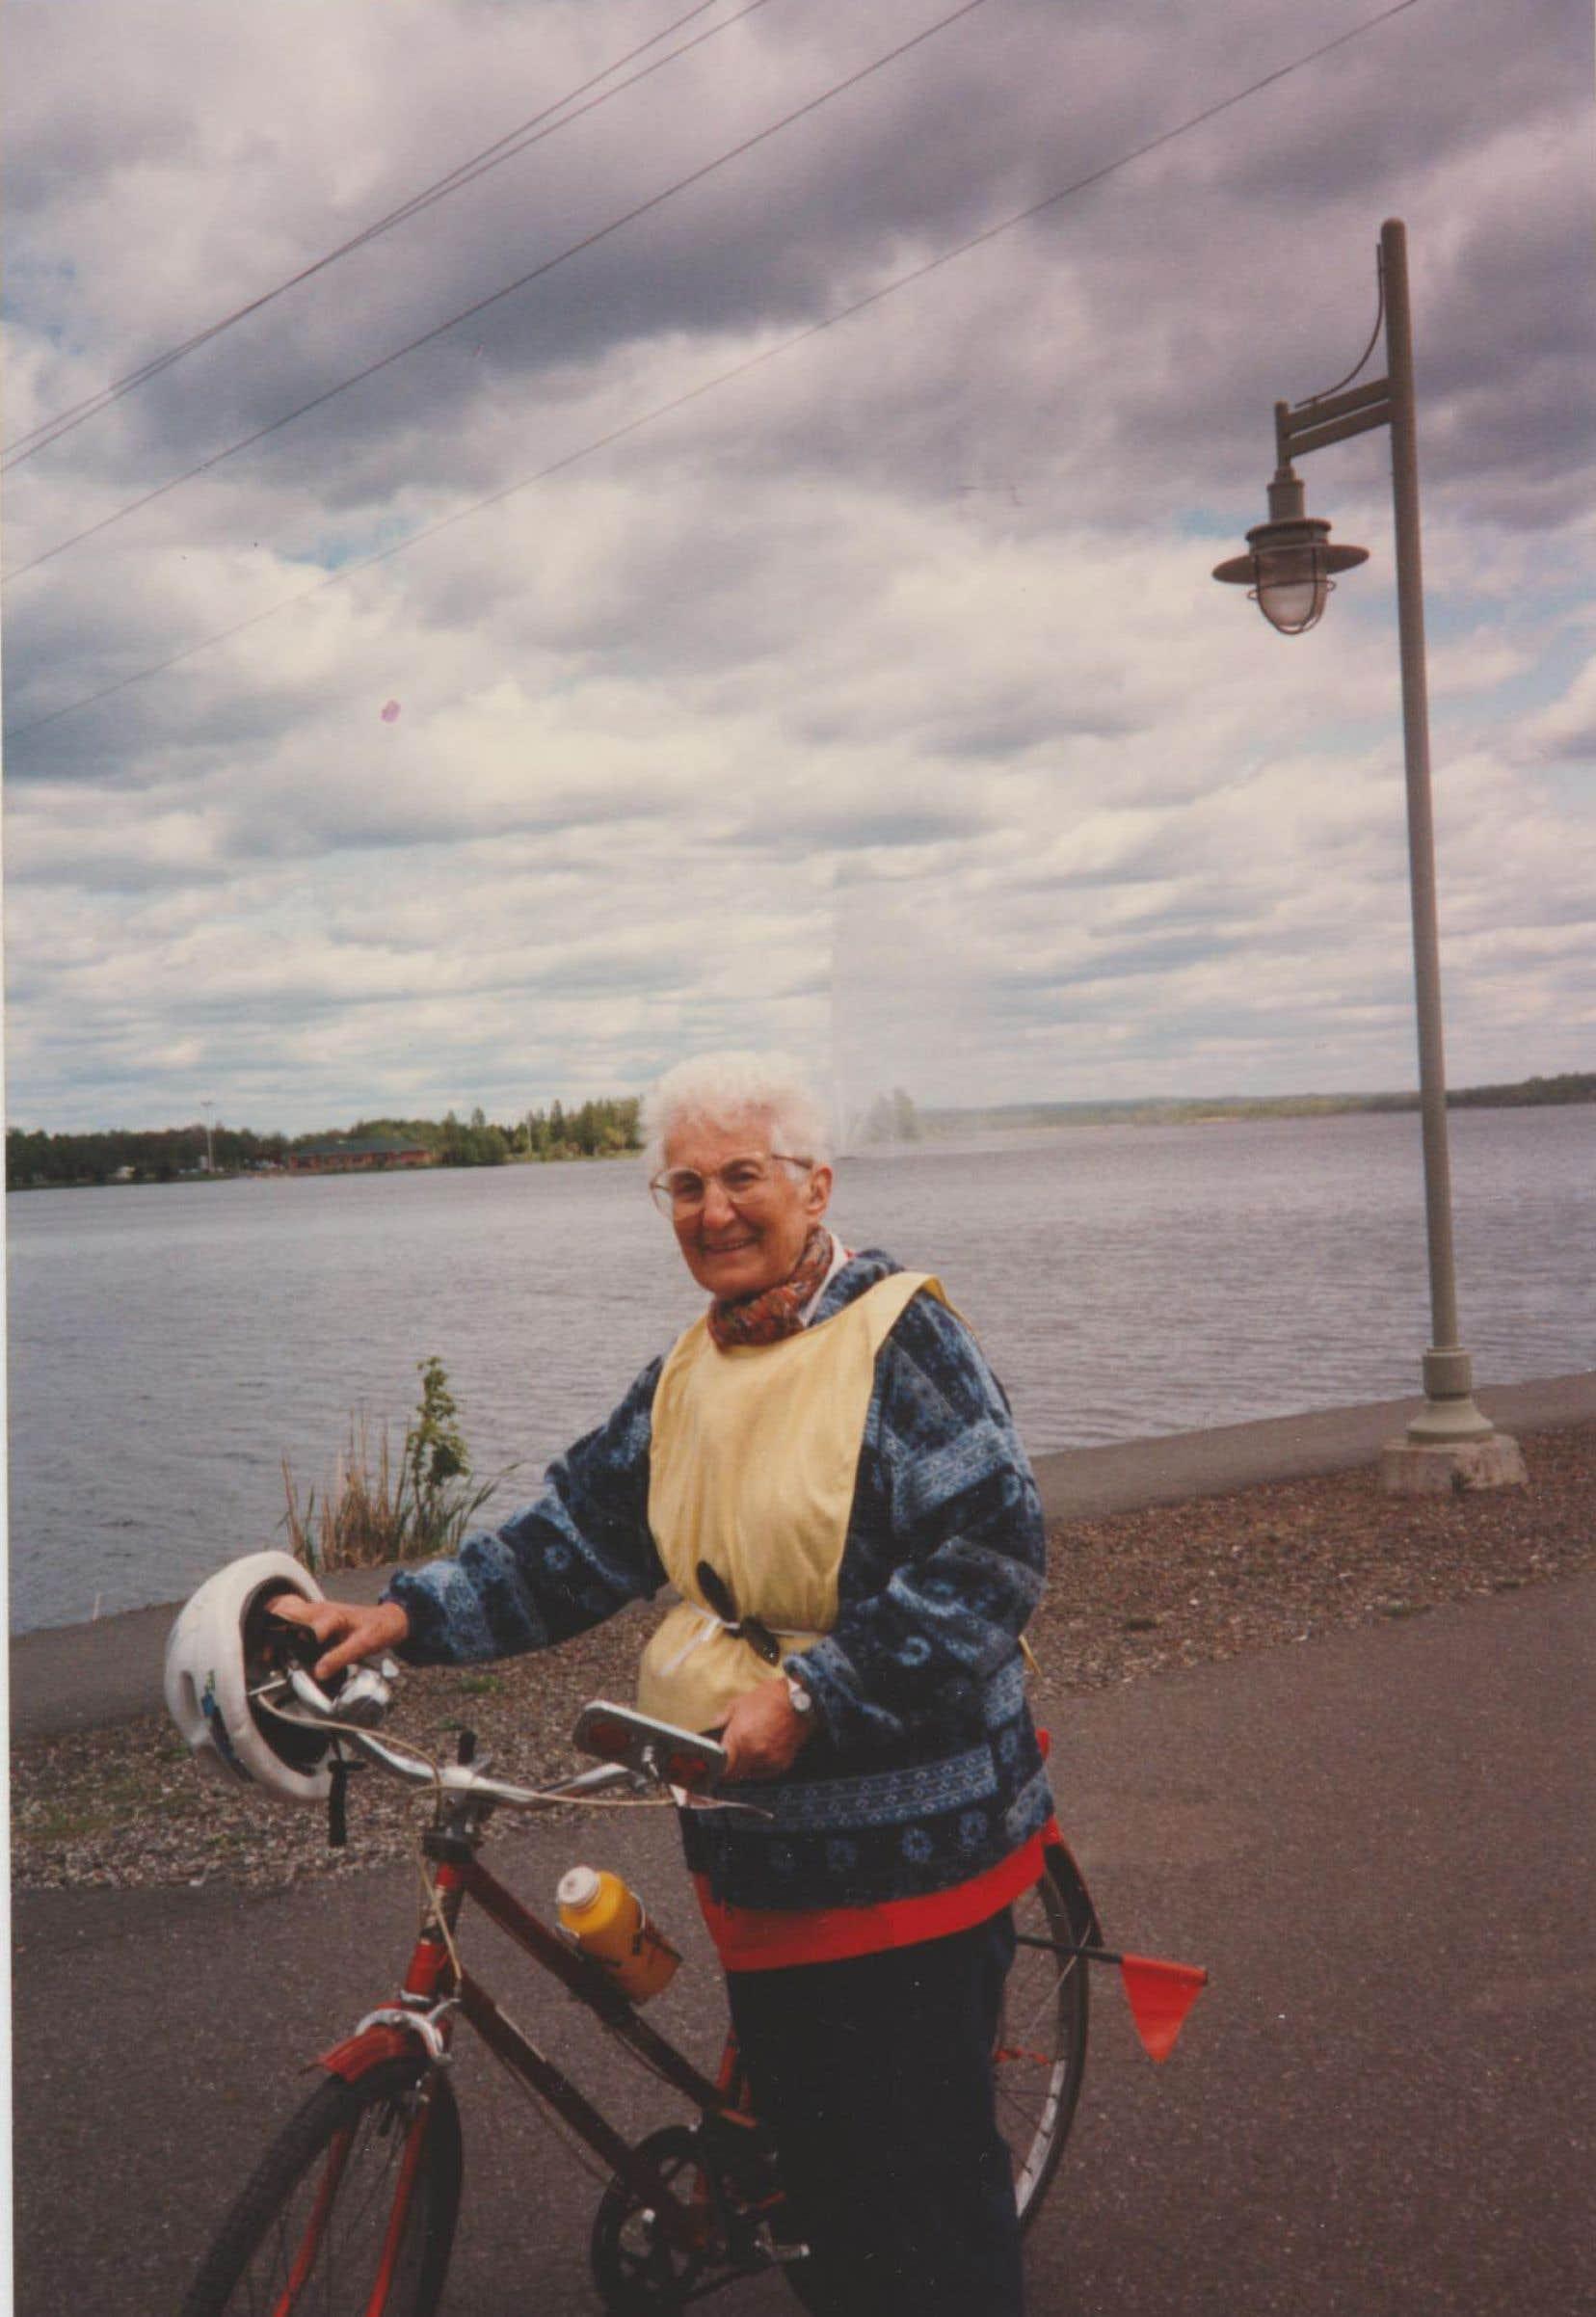 À son arrivée au Canada, sœur Sibillotte a demandé la permission à l'évêque de se déplacer à vélo pour pouvoir servir plus rapidement les populations pauvres. Elle a continué de faire de la bicyclette jusqu'à un âge avancé.